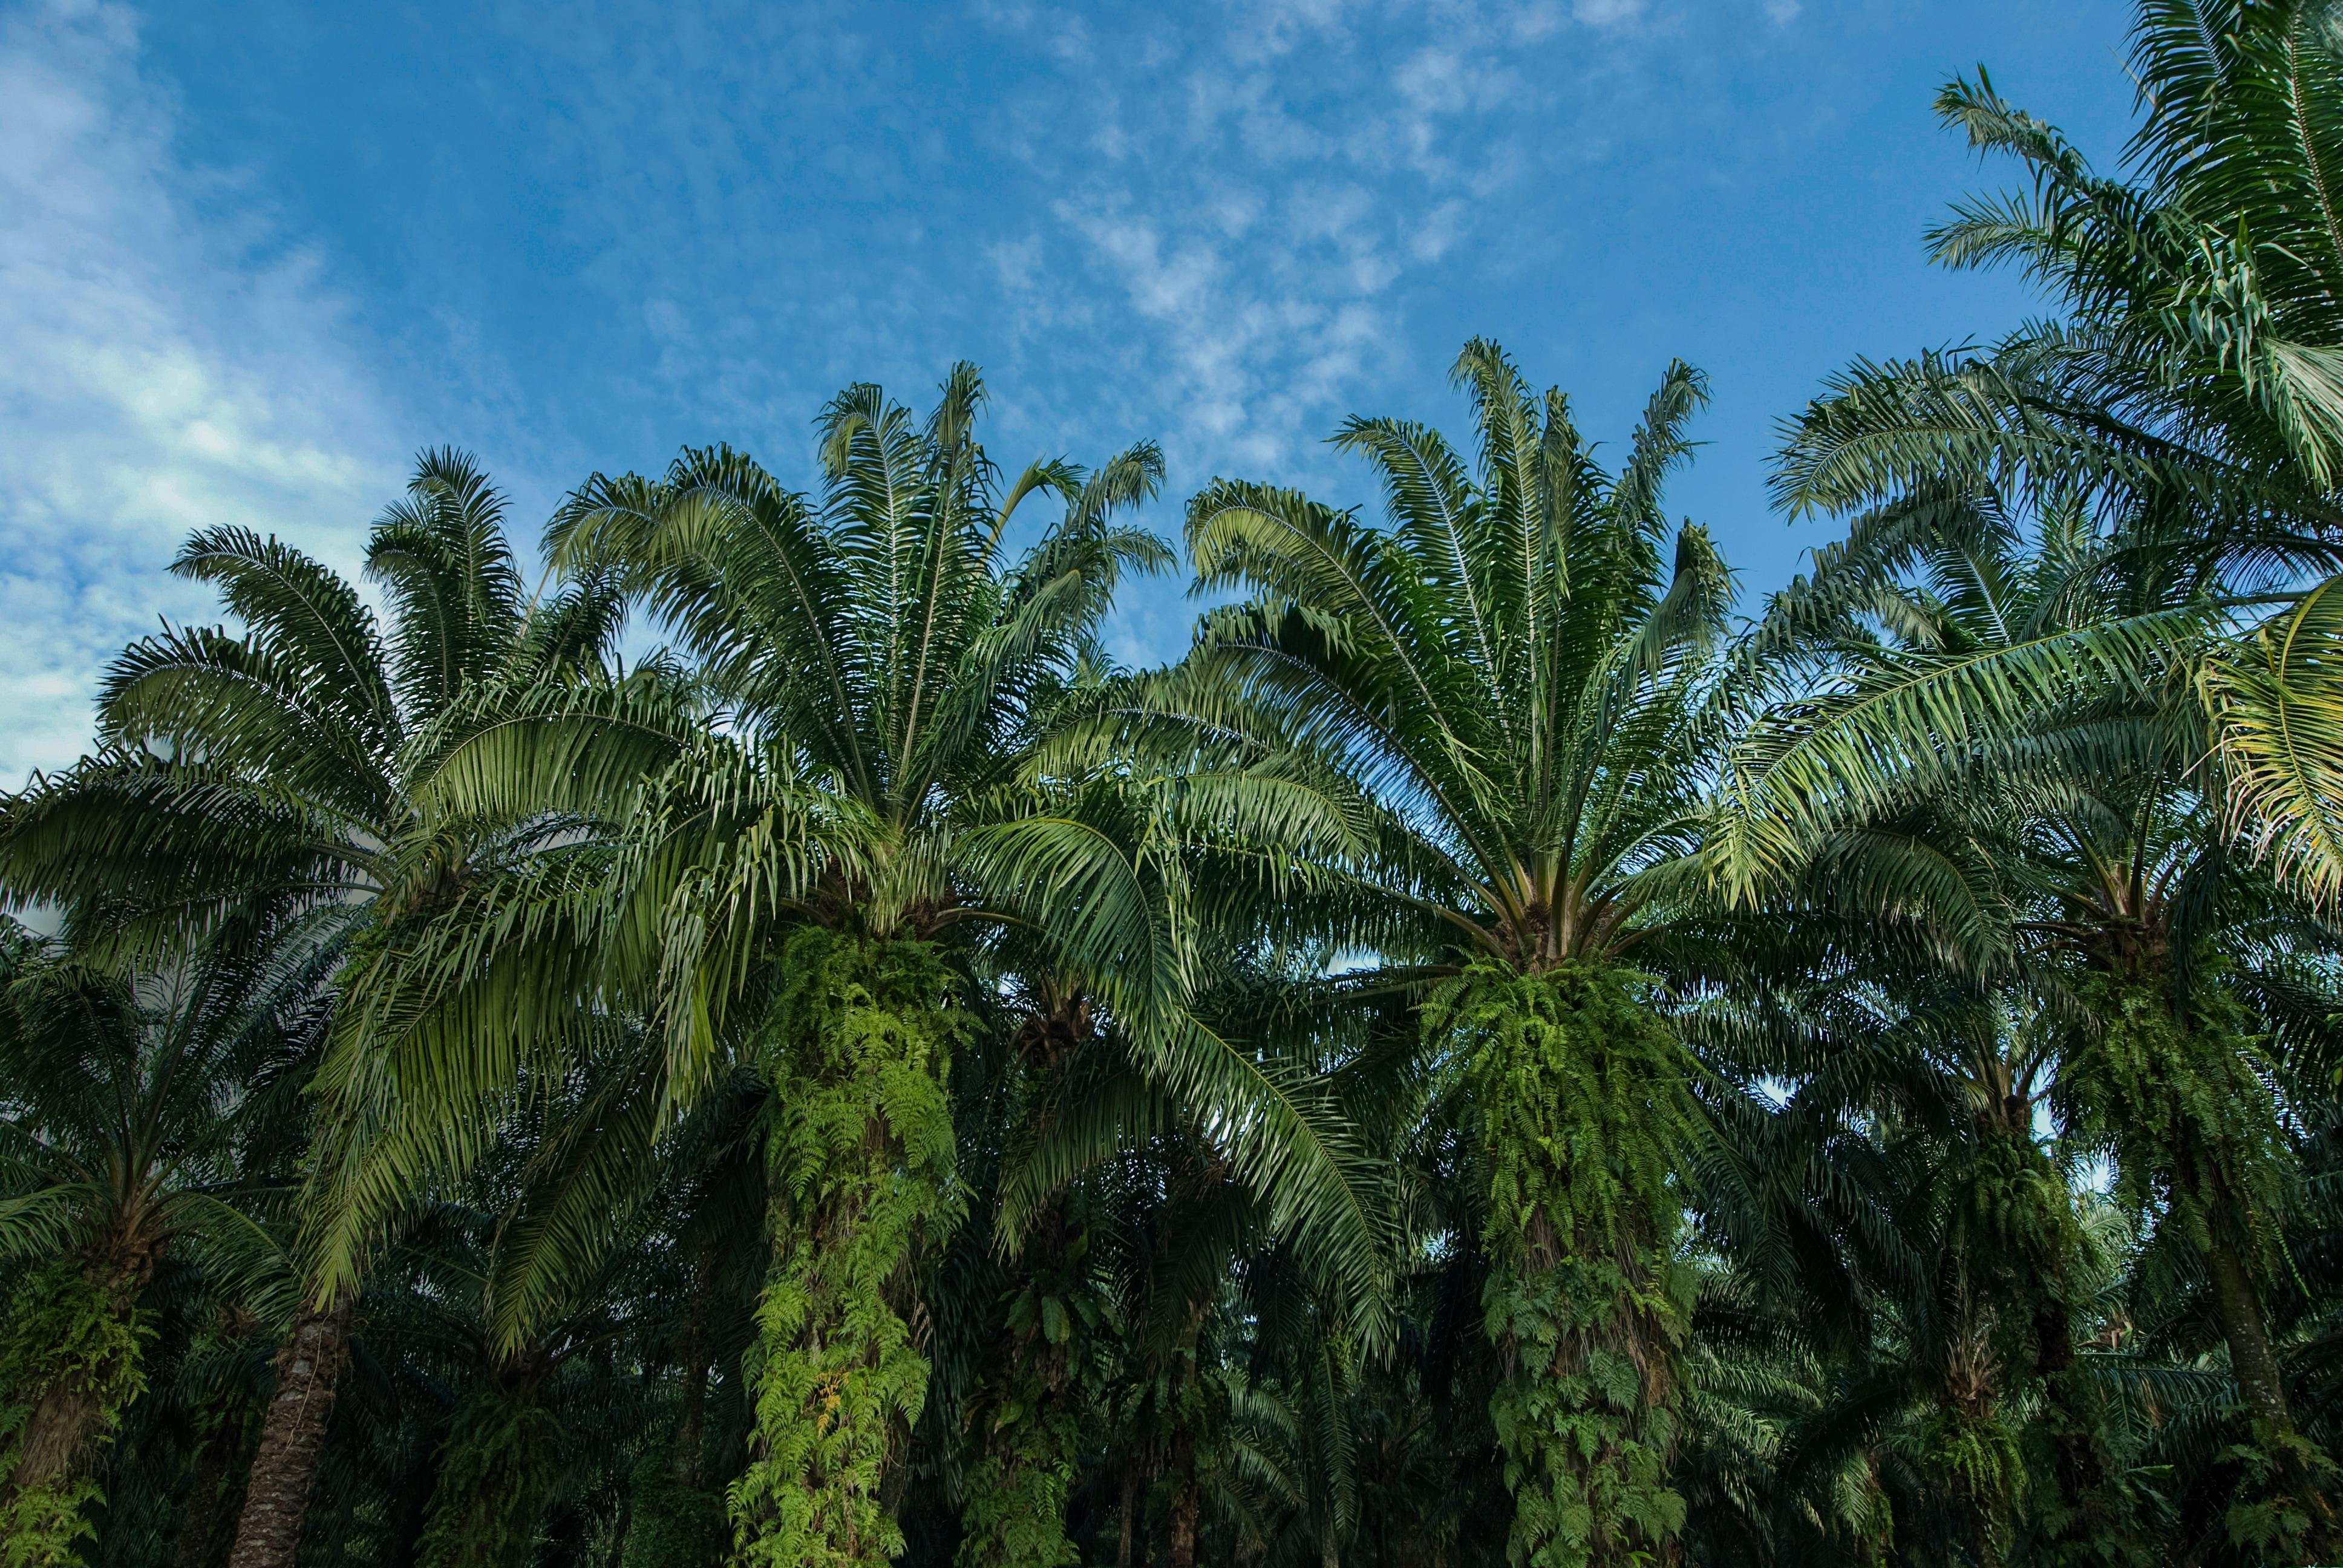 LE WWF RECONNAÎT L'APPROCHE DE FERRERO EN MATIÈRE D'APPROVISIONNEMENT RESPONSABLE EN HUILE DE PALME